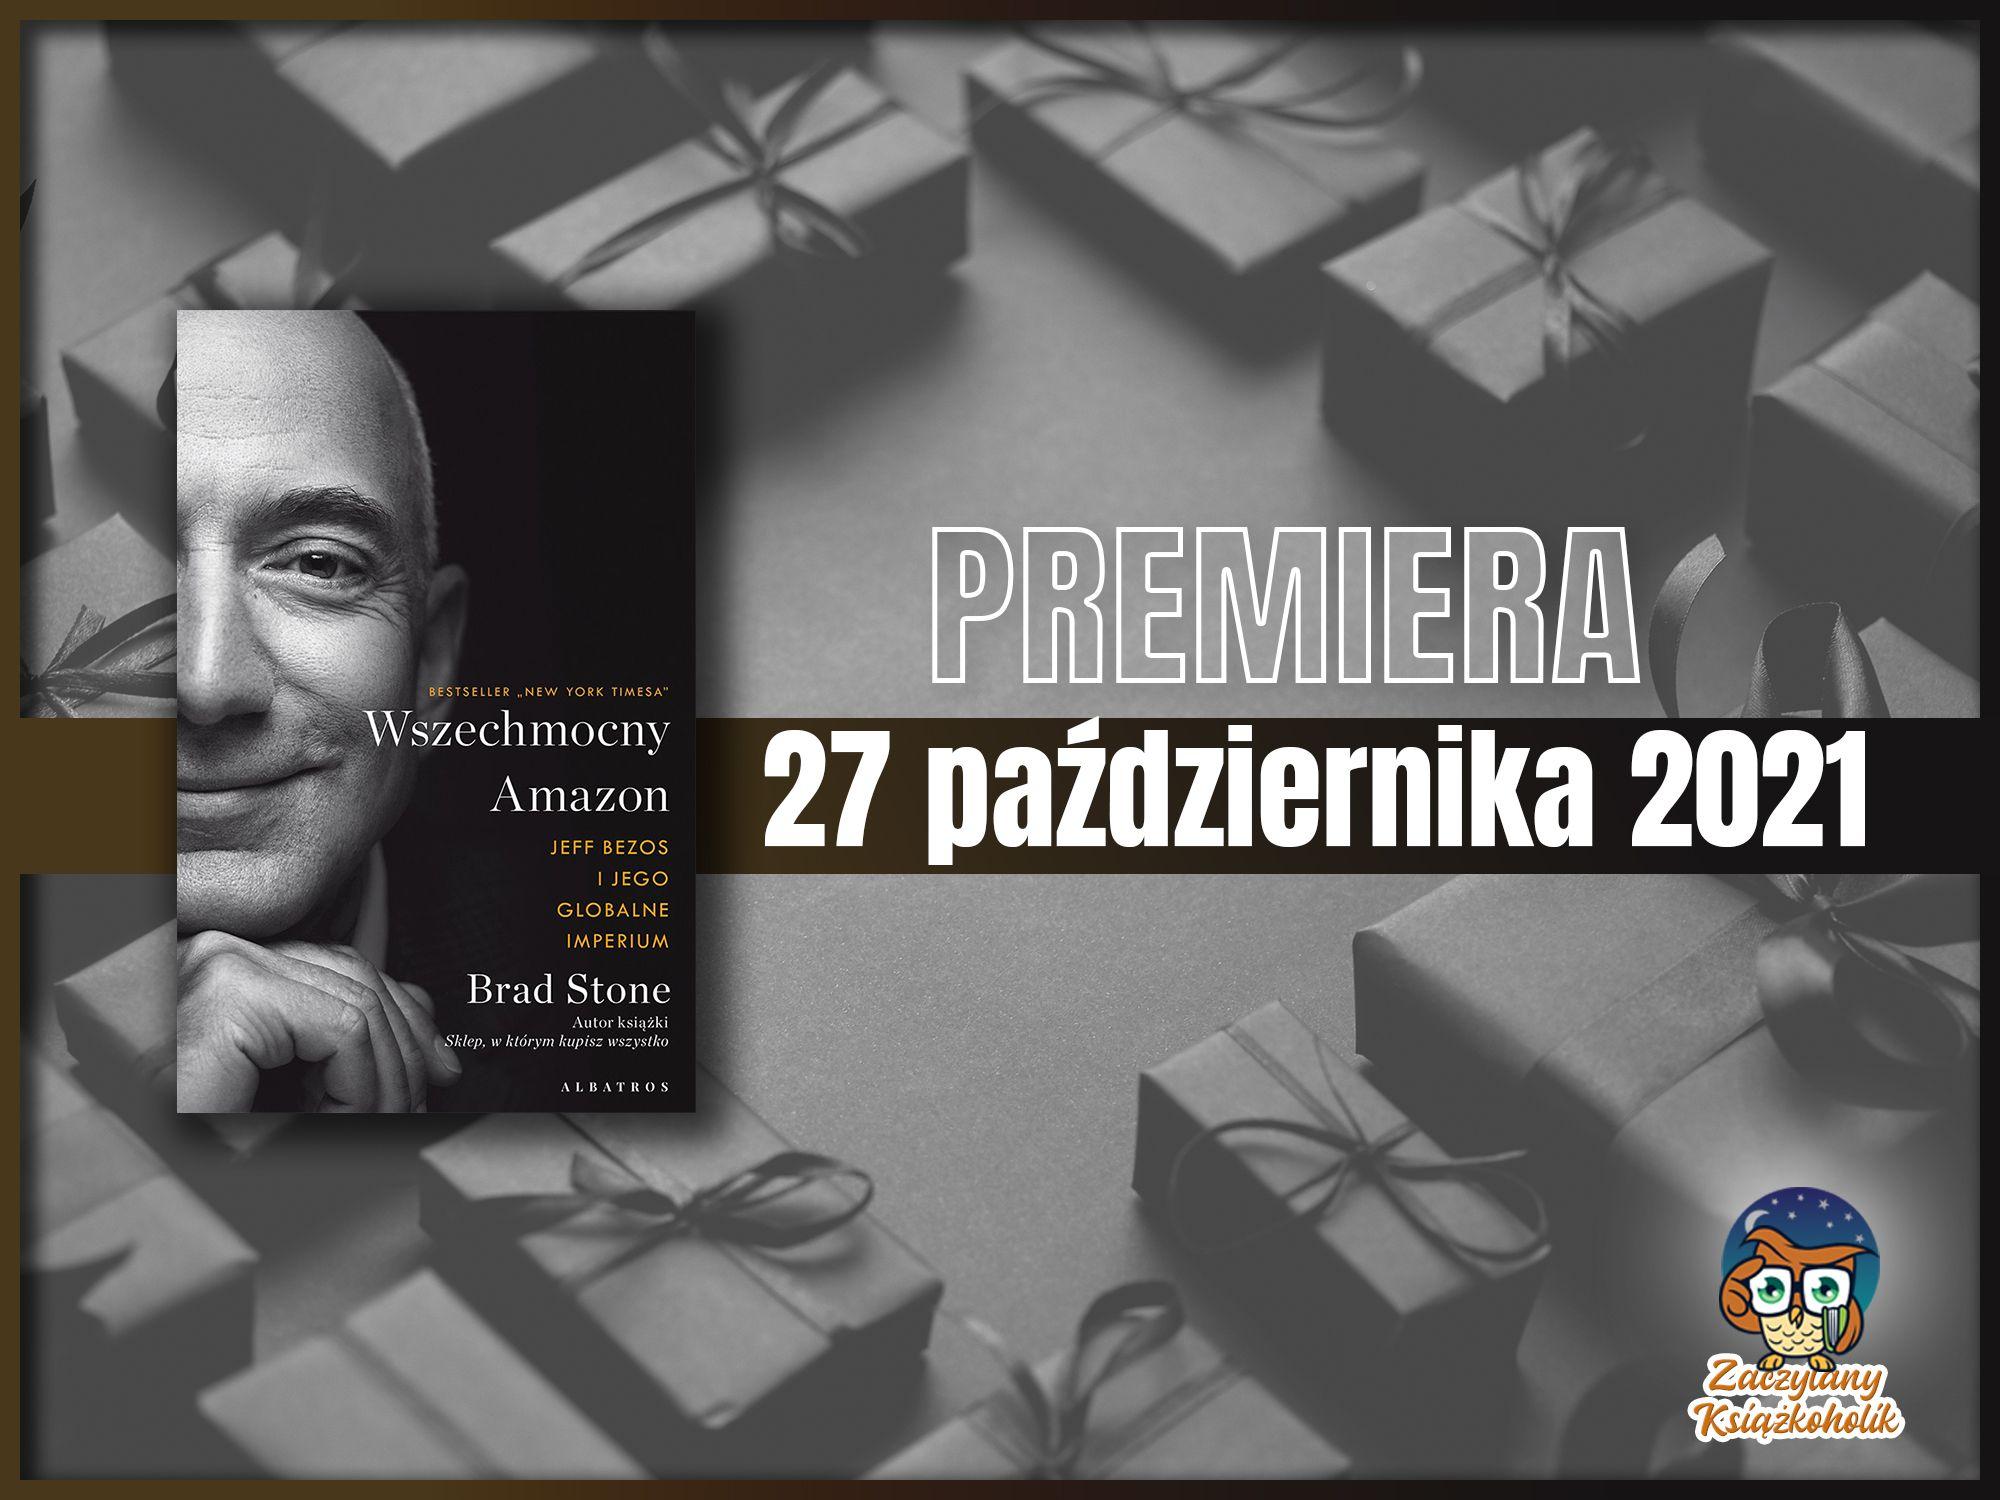 Wszechmocny Amazon.Jeff Bezos i jego globalne imperium, Brad Stone, zaczytanyksiazkoholik.pl